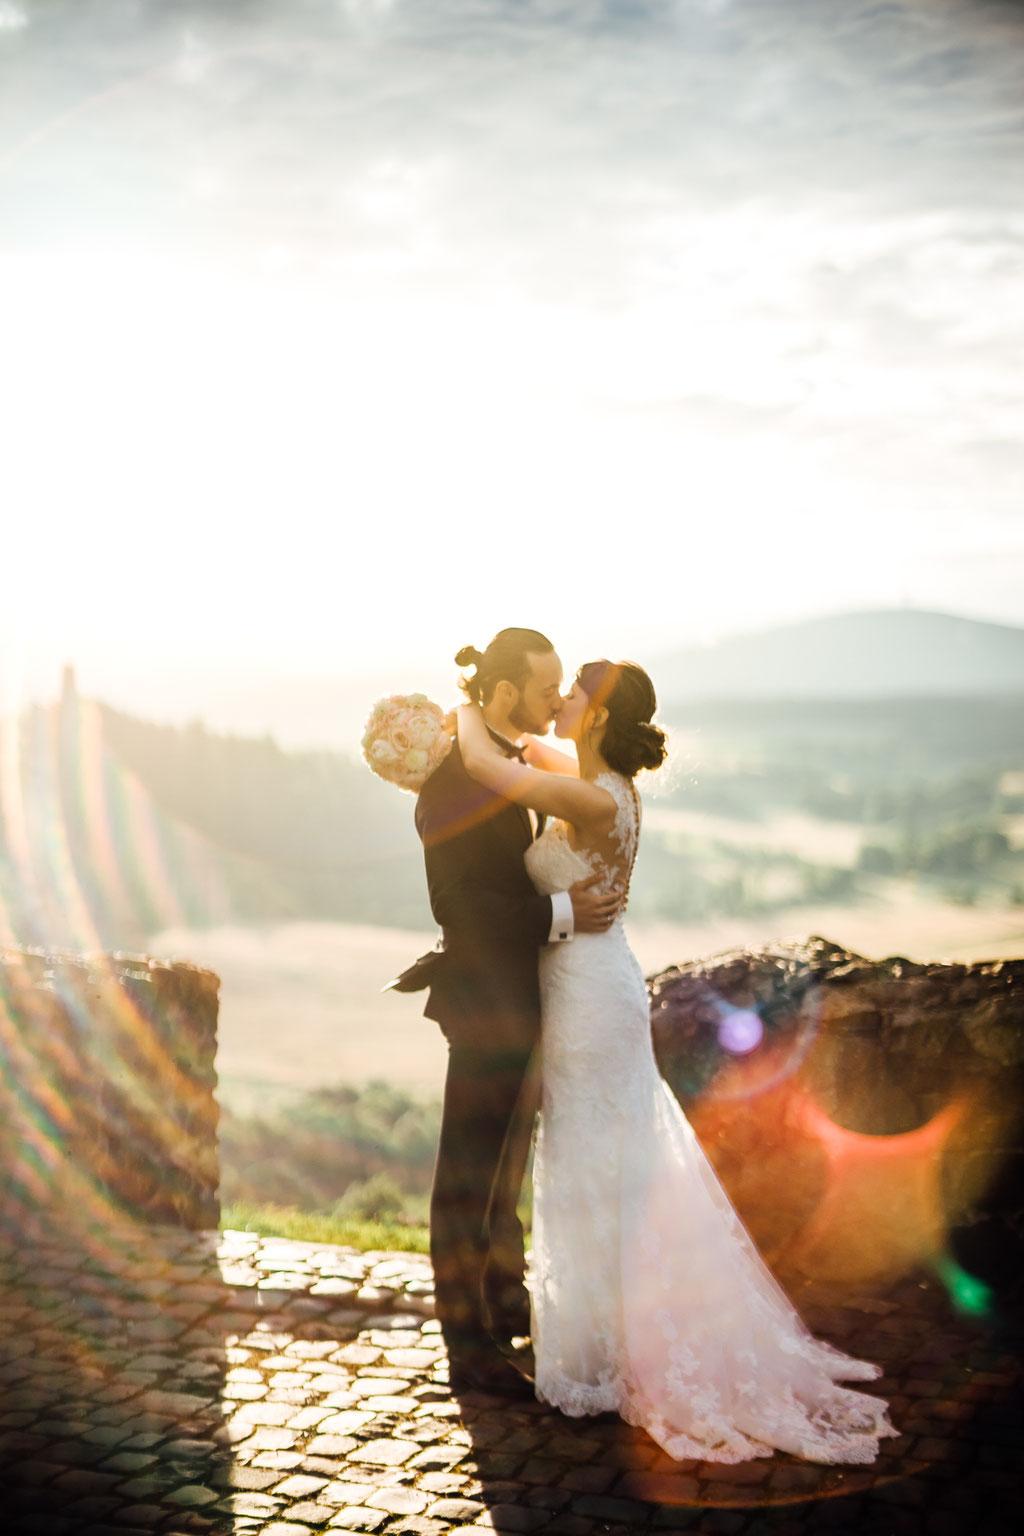 Hochzeitsfotograf Wettenberg